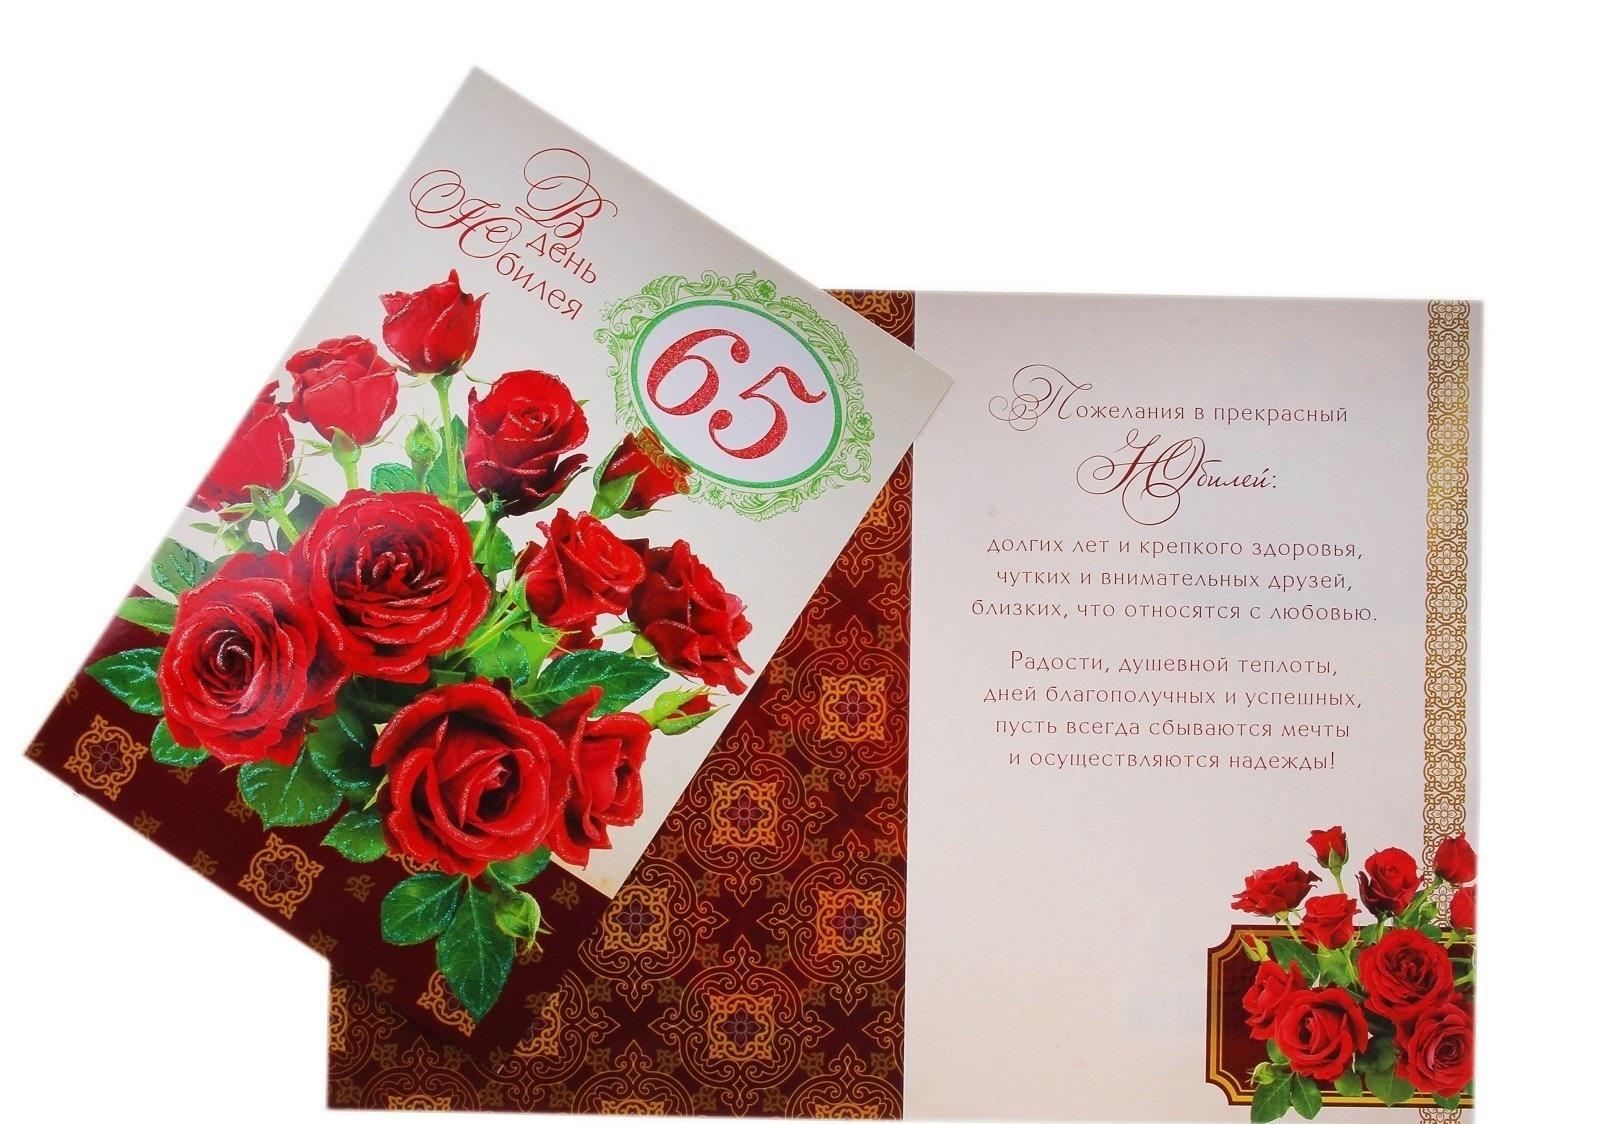 Жизни, шаблон открытки 65 лет